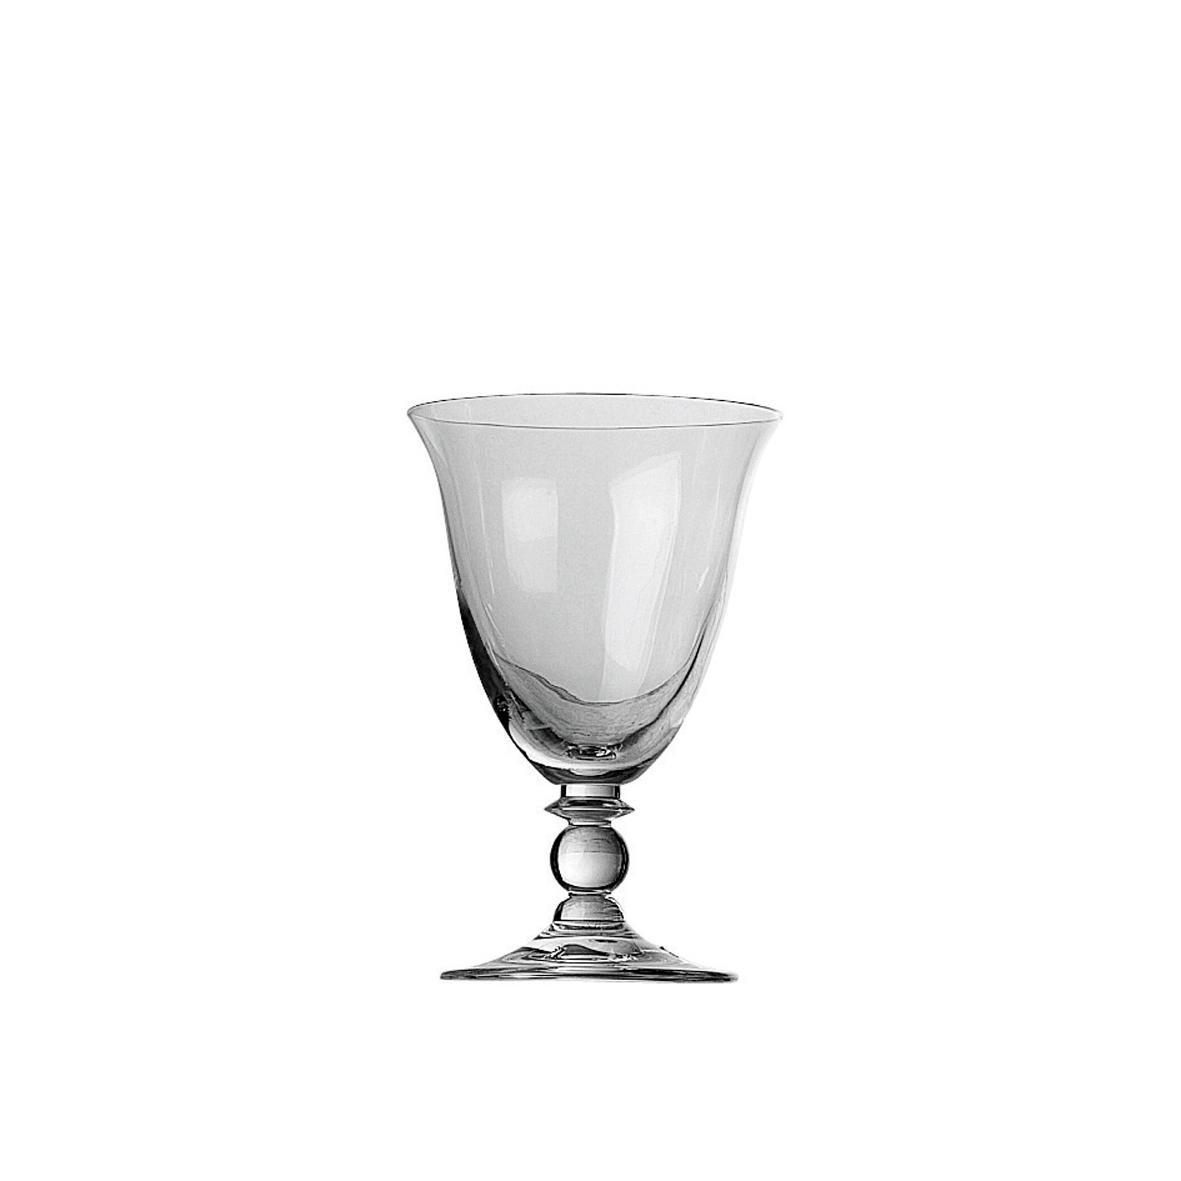 CÔTÉ TABLE Sklenička na víno Piano 250 ml, čirá barva, sklo